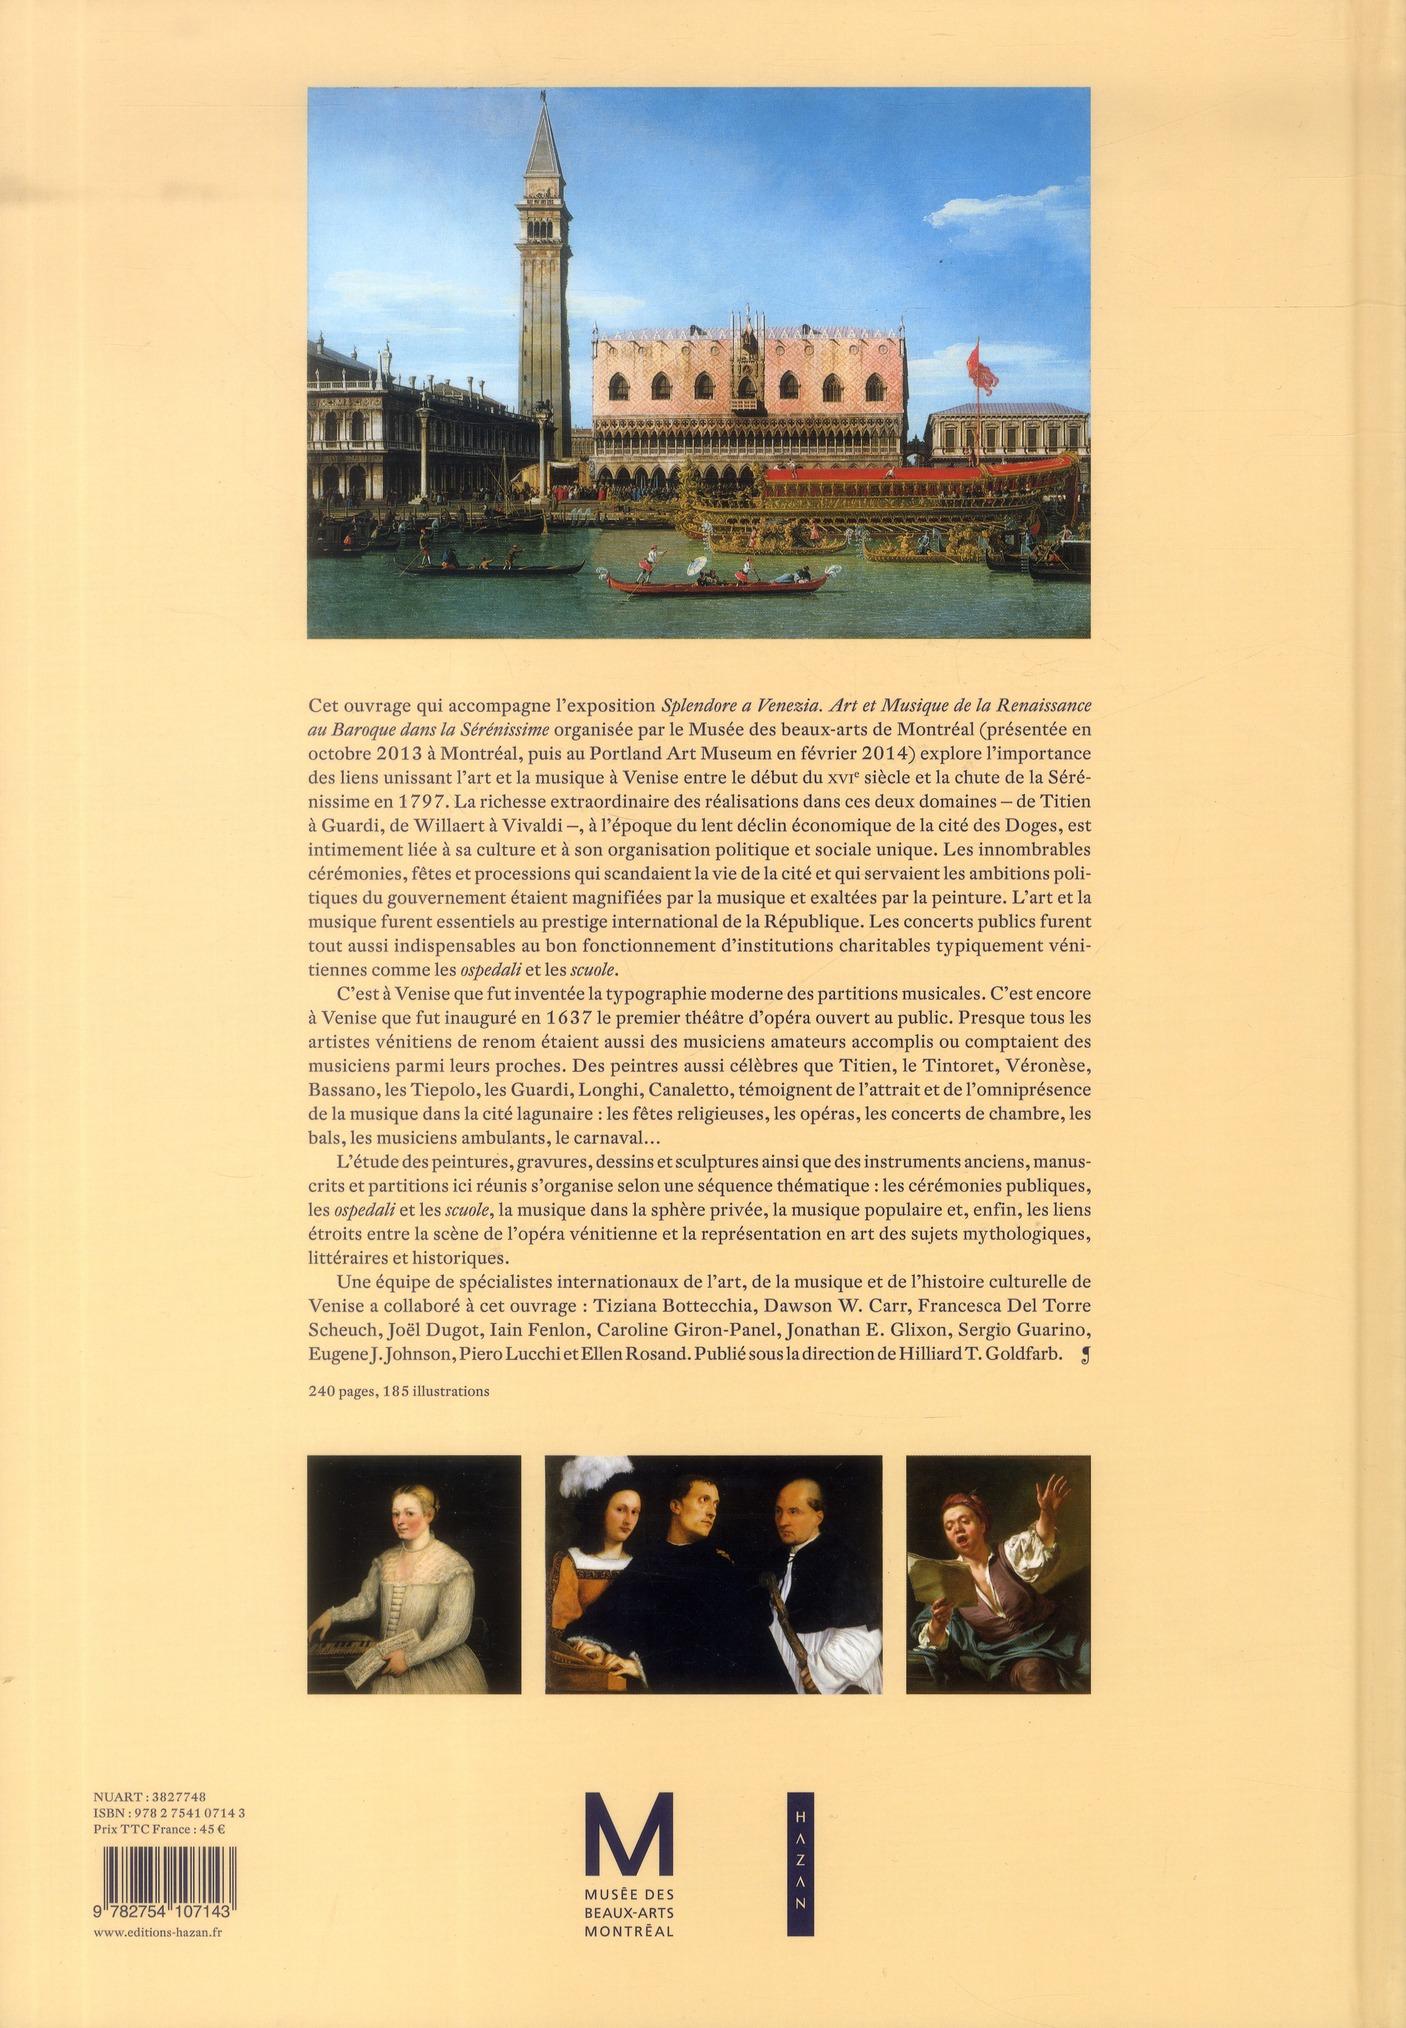 Splendore à Venezia ; art et musique de la Renaissance au baroque dans la Sérénissime